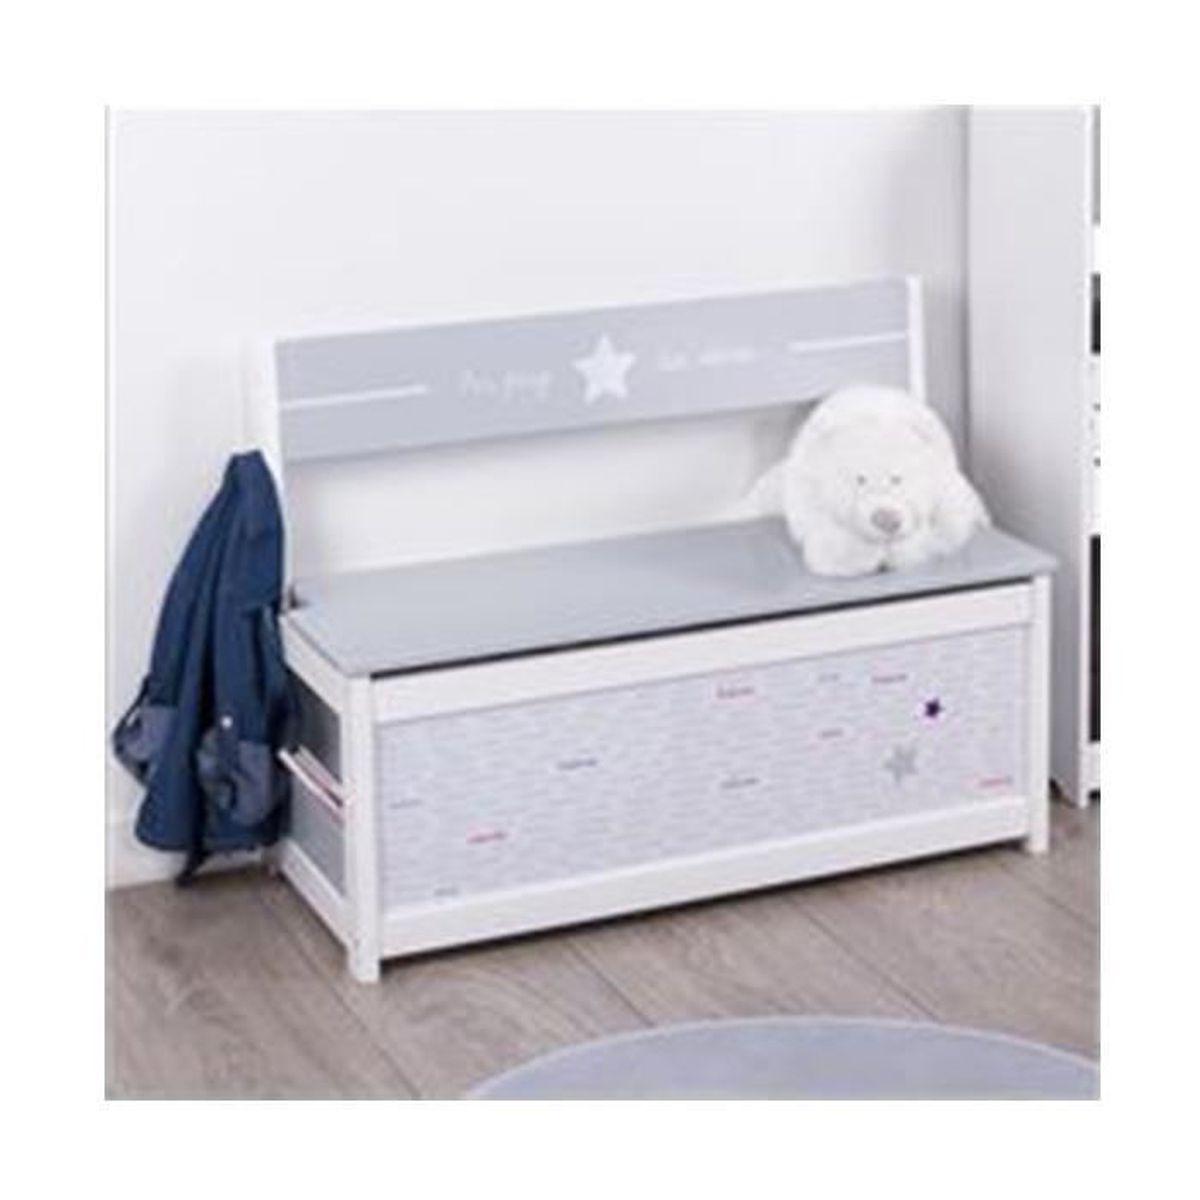 banc coffre jouets pour enfants en bois achat vente coffre jouets 3482731237691 cdiscount - Coffre A Jouets Banc